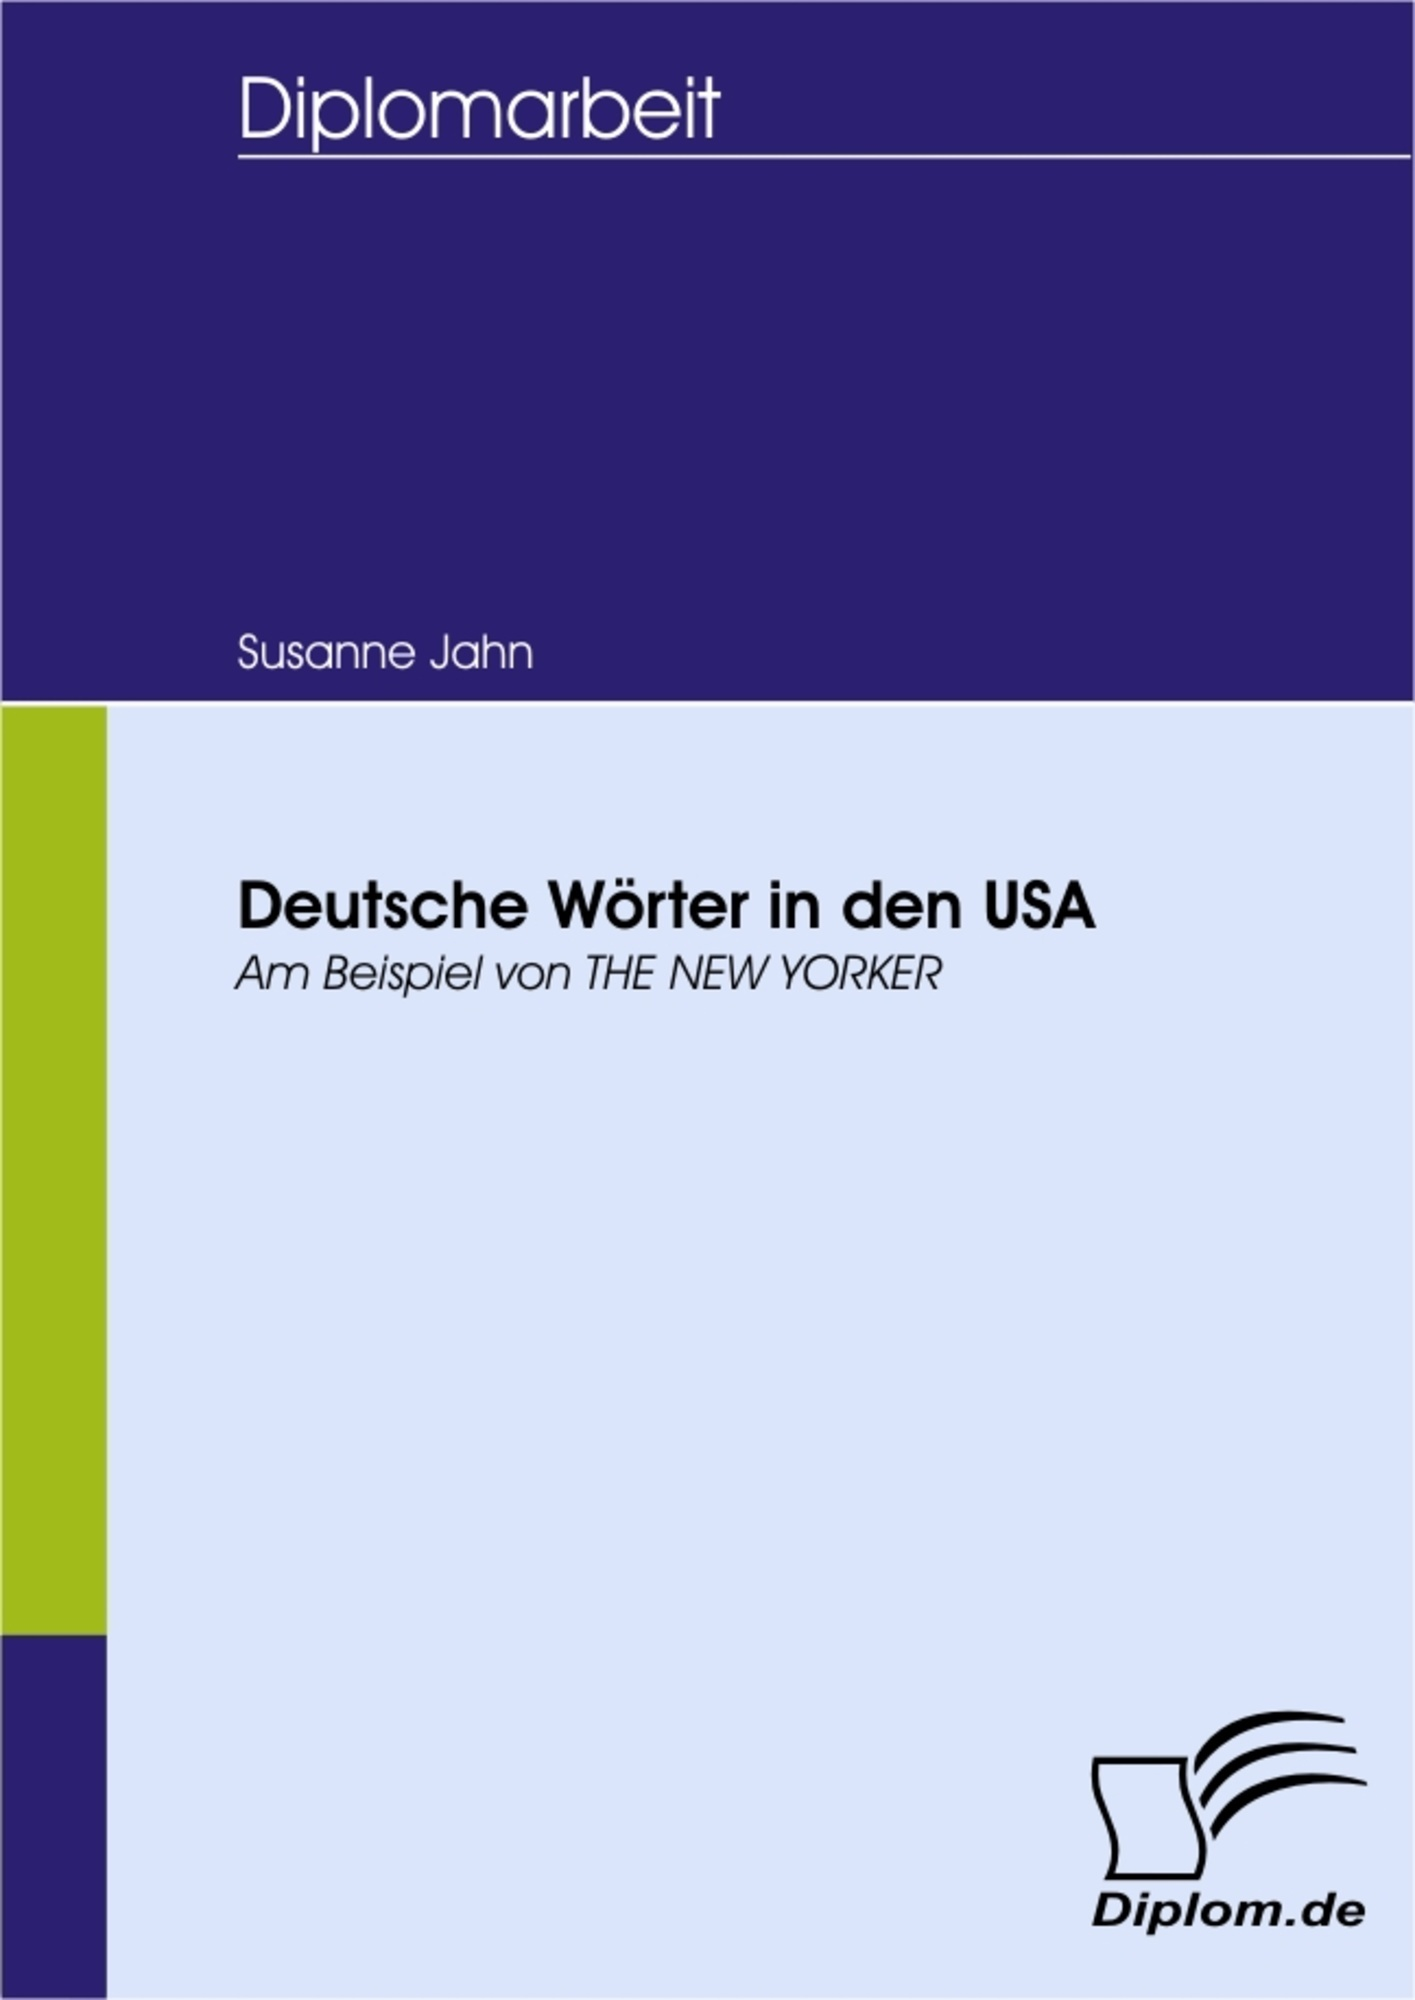 Deutsche Wörter in den USA